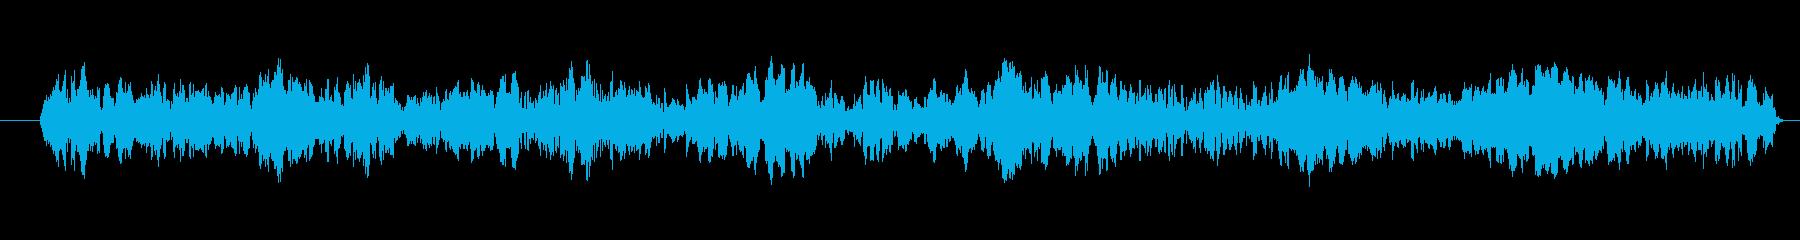 FX クレイジーサイエンティスト06の再生済みの波形